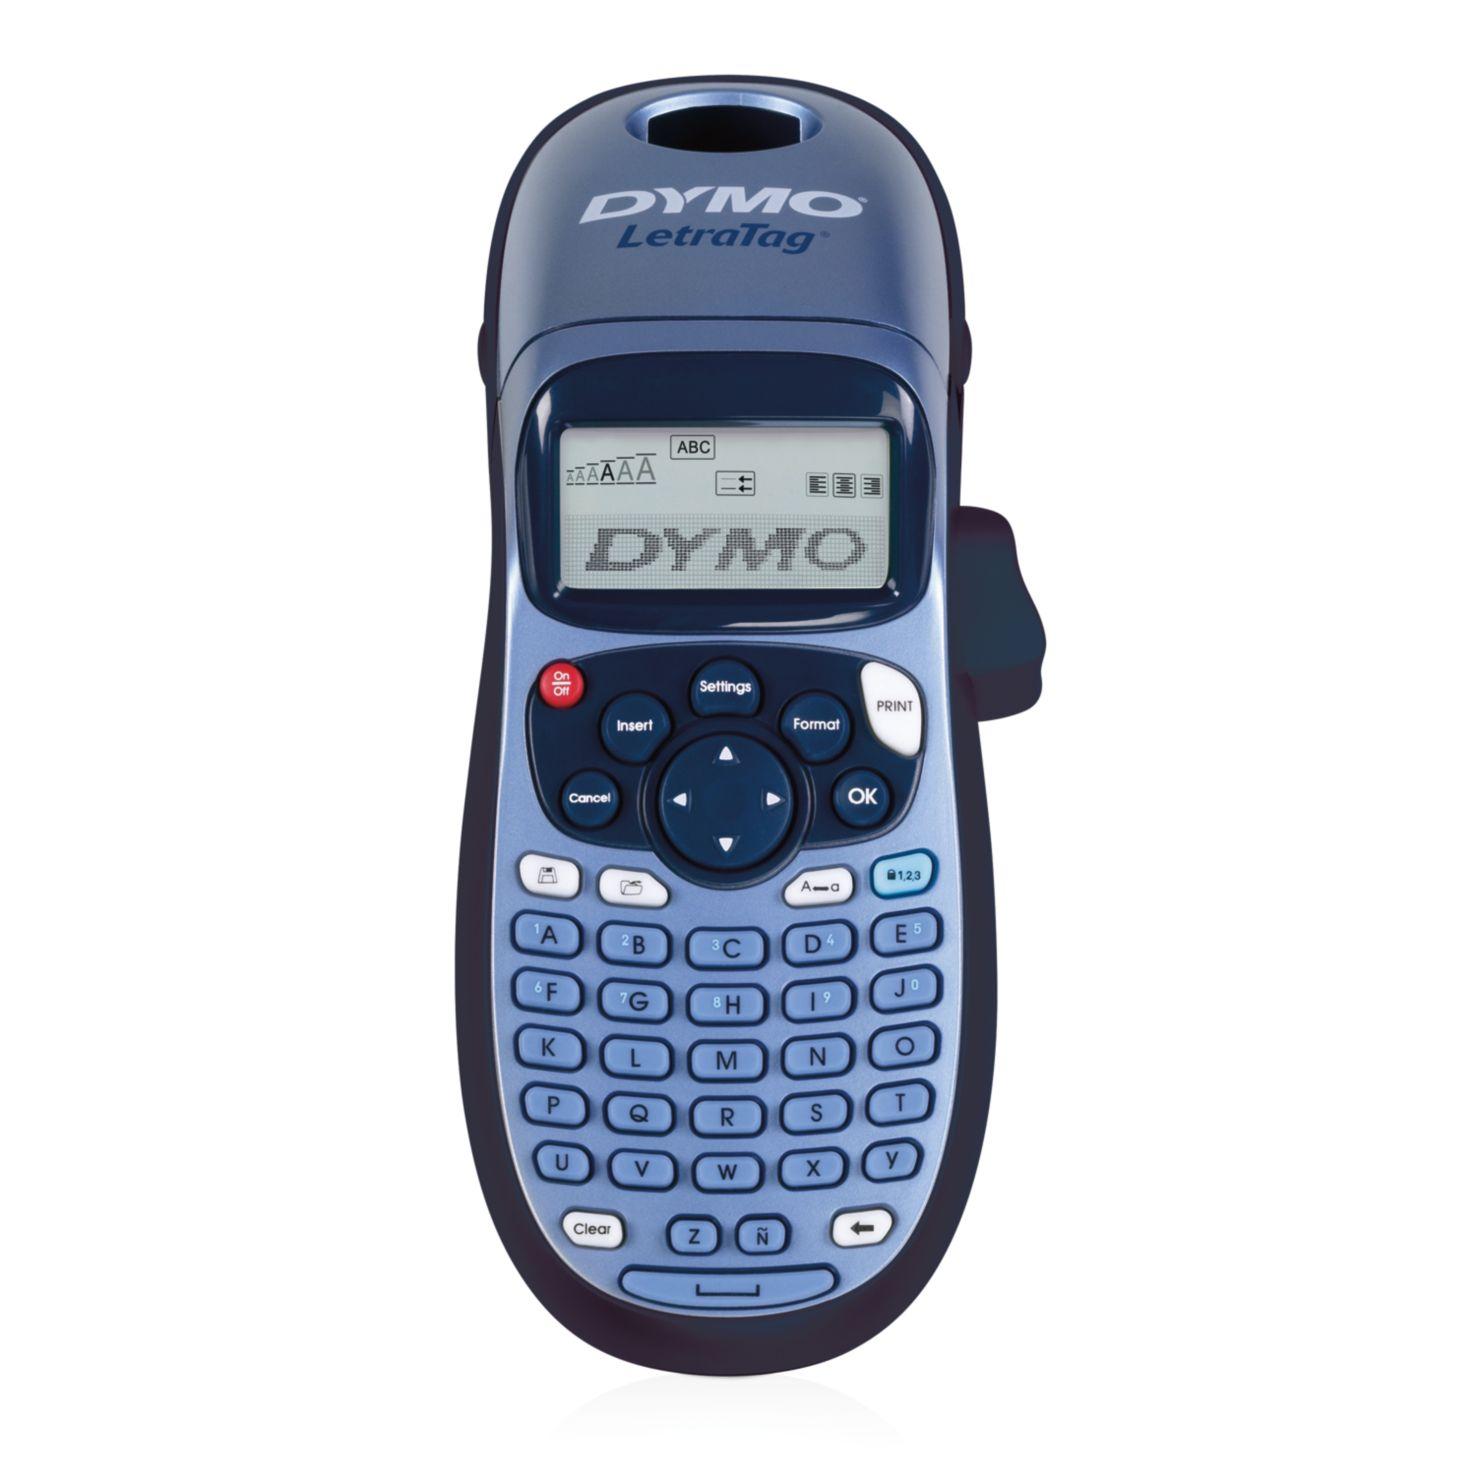 Dymo Letra Tag LT-100H Handgerät ABC-Tastatur